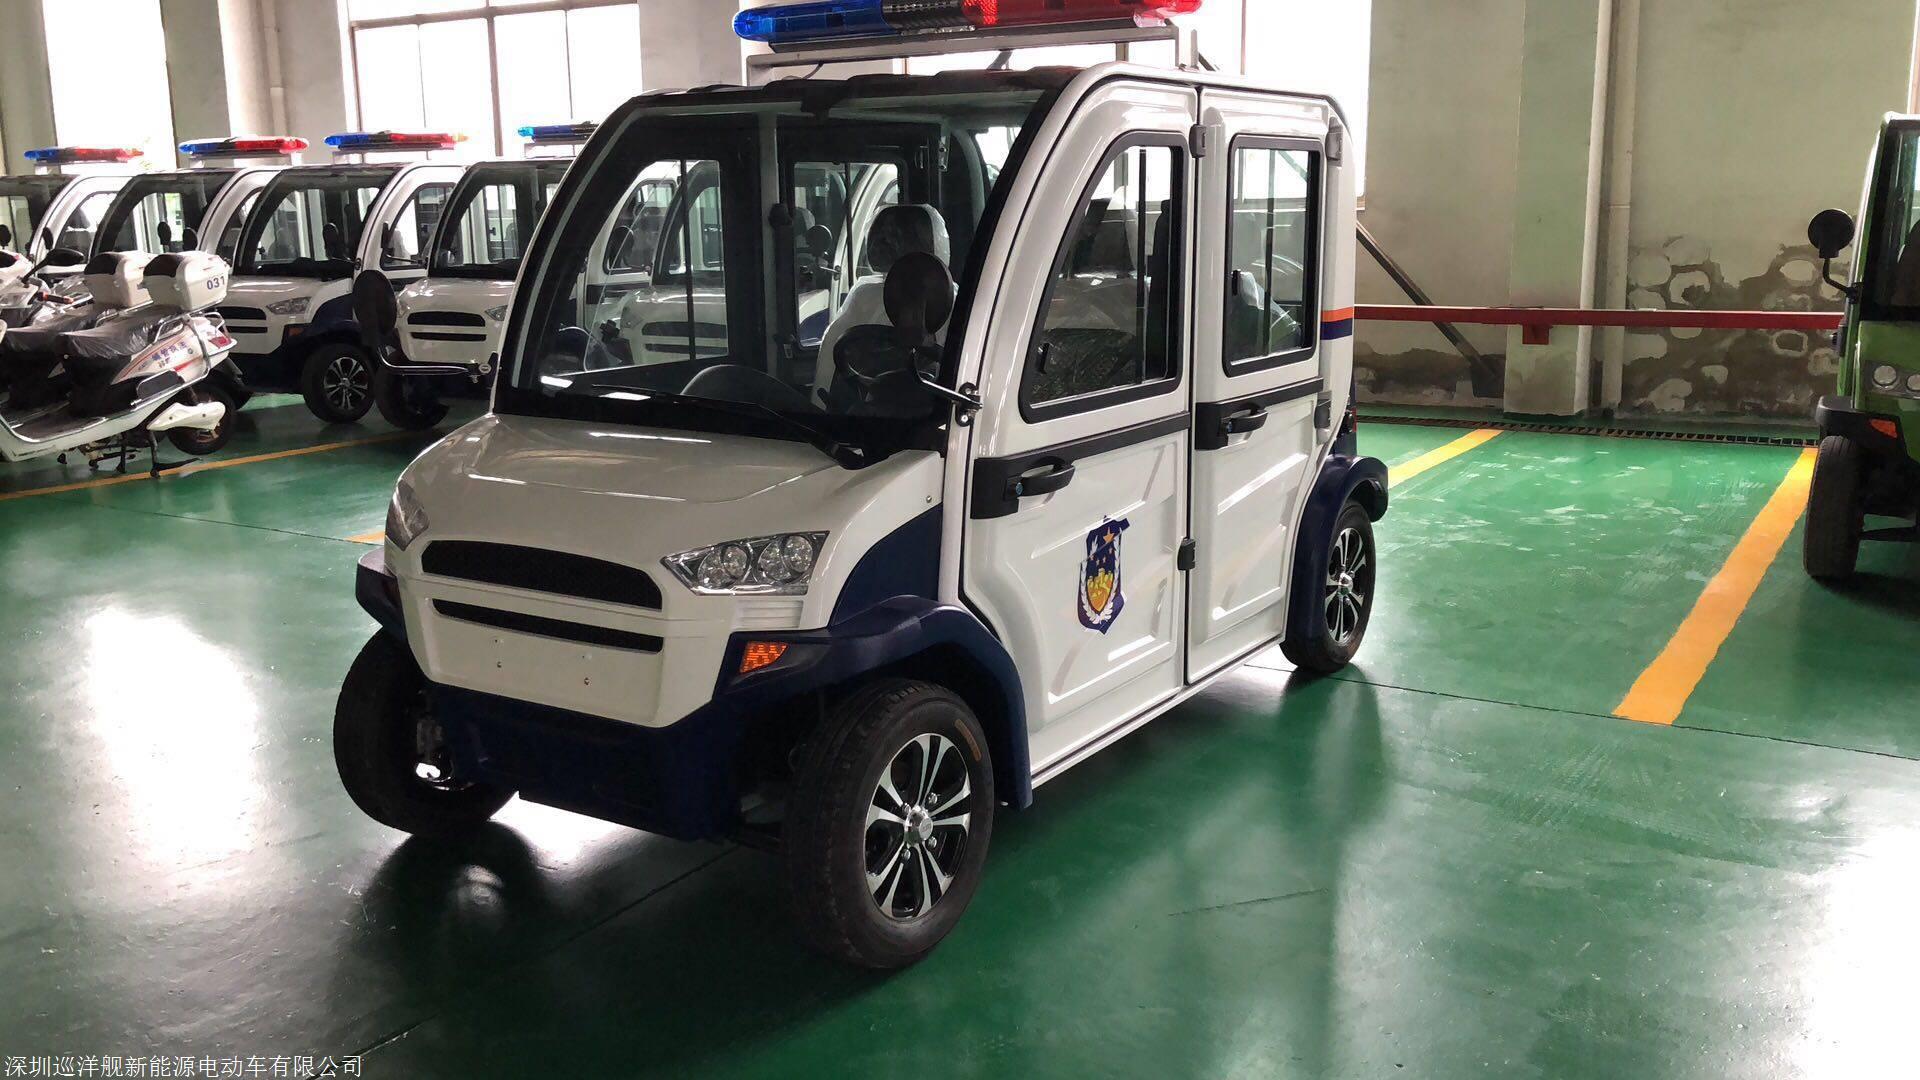 巡洋舰新能源游览车 纯电动厂家四轮观光车